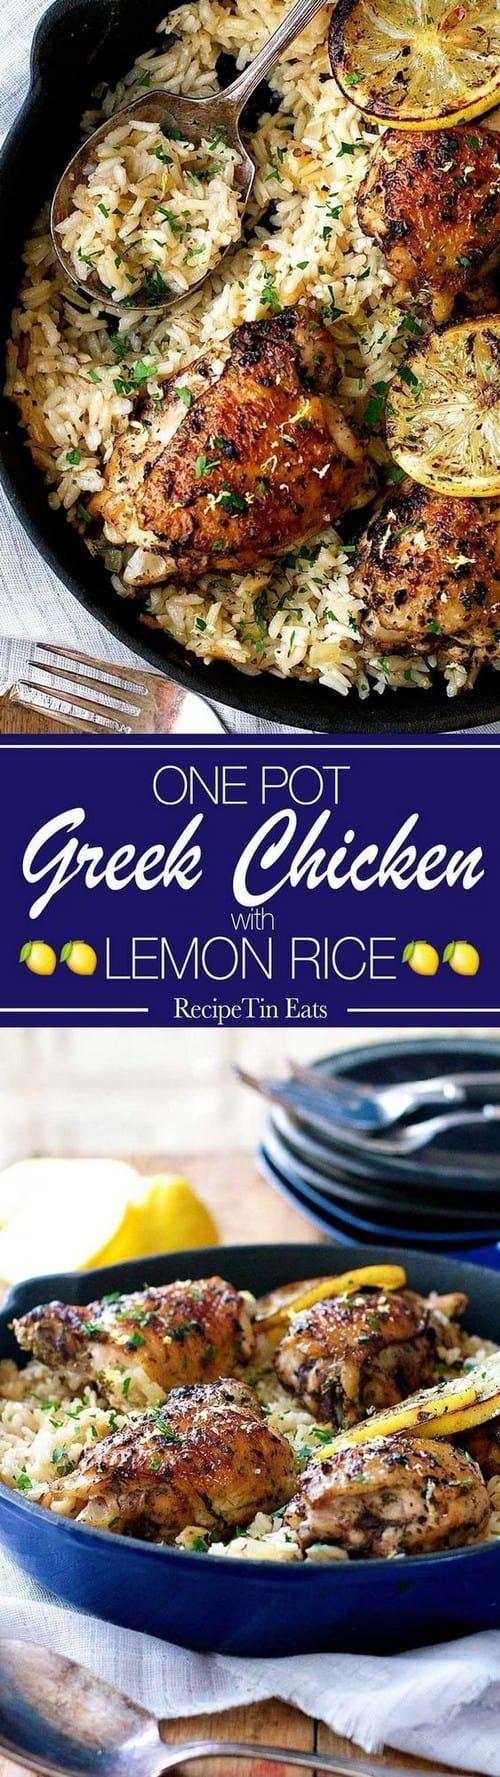 Mediterranean One Pot Greek Chicken & Lemon Rice